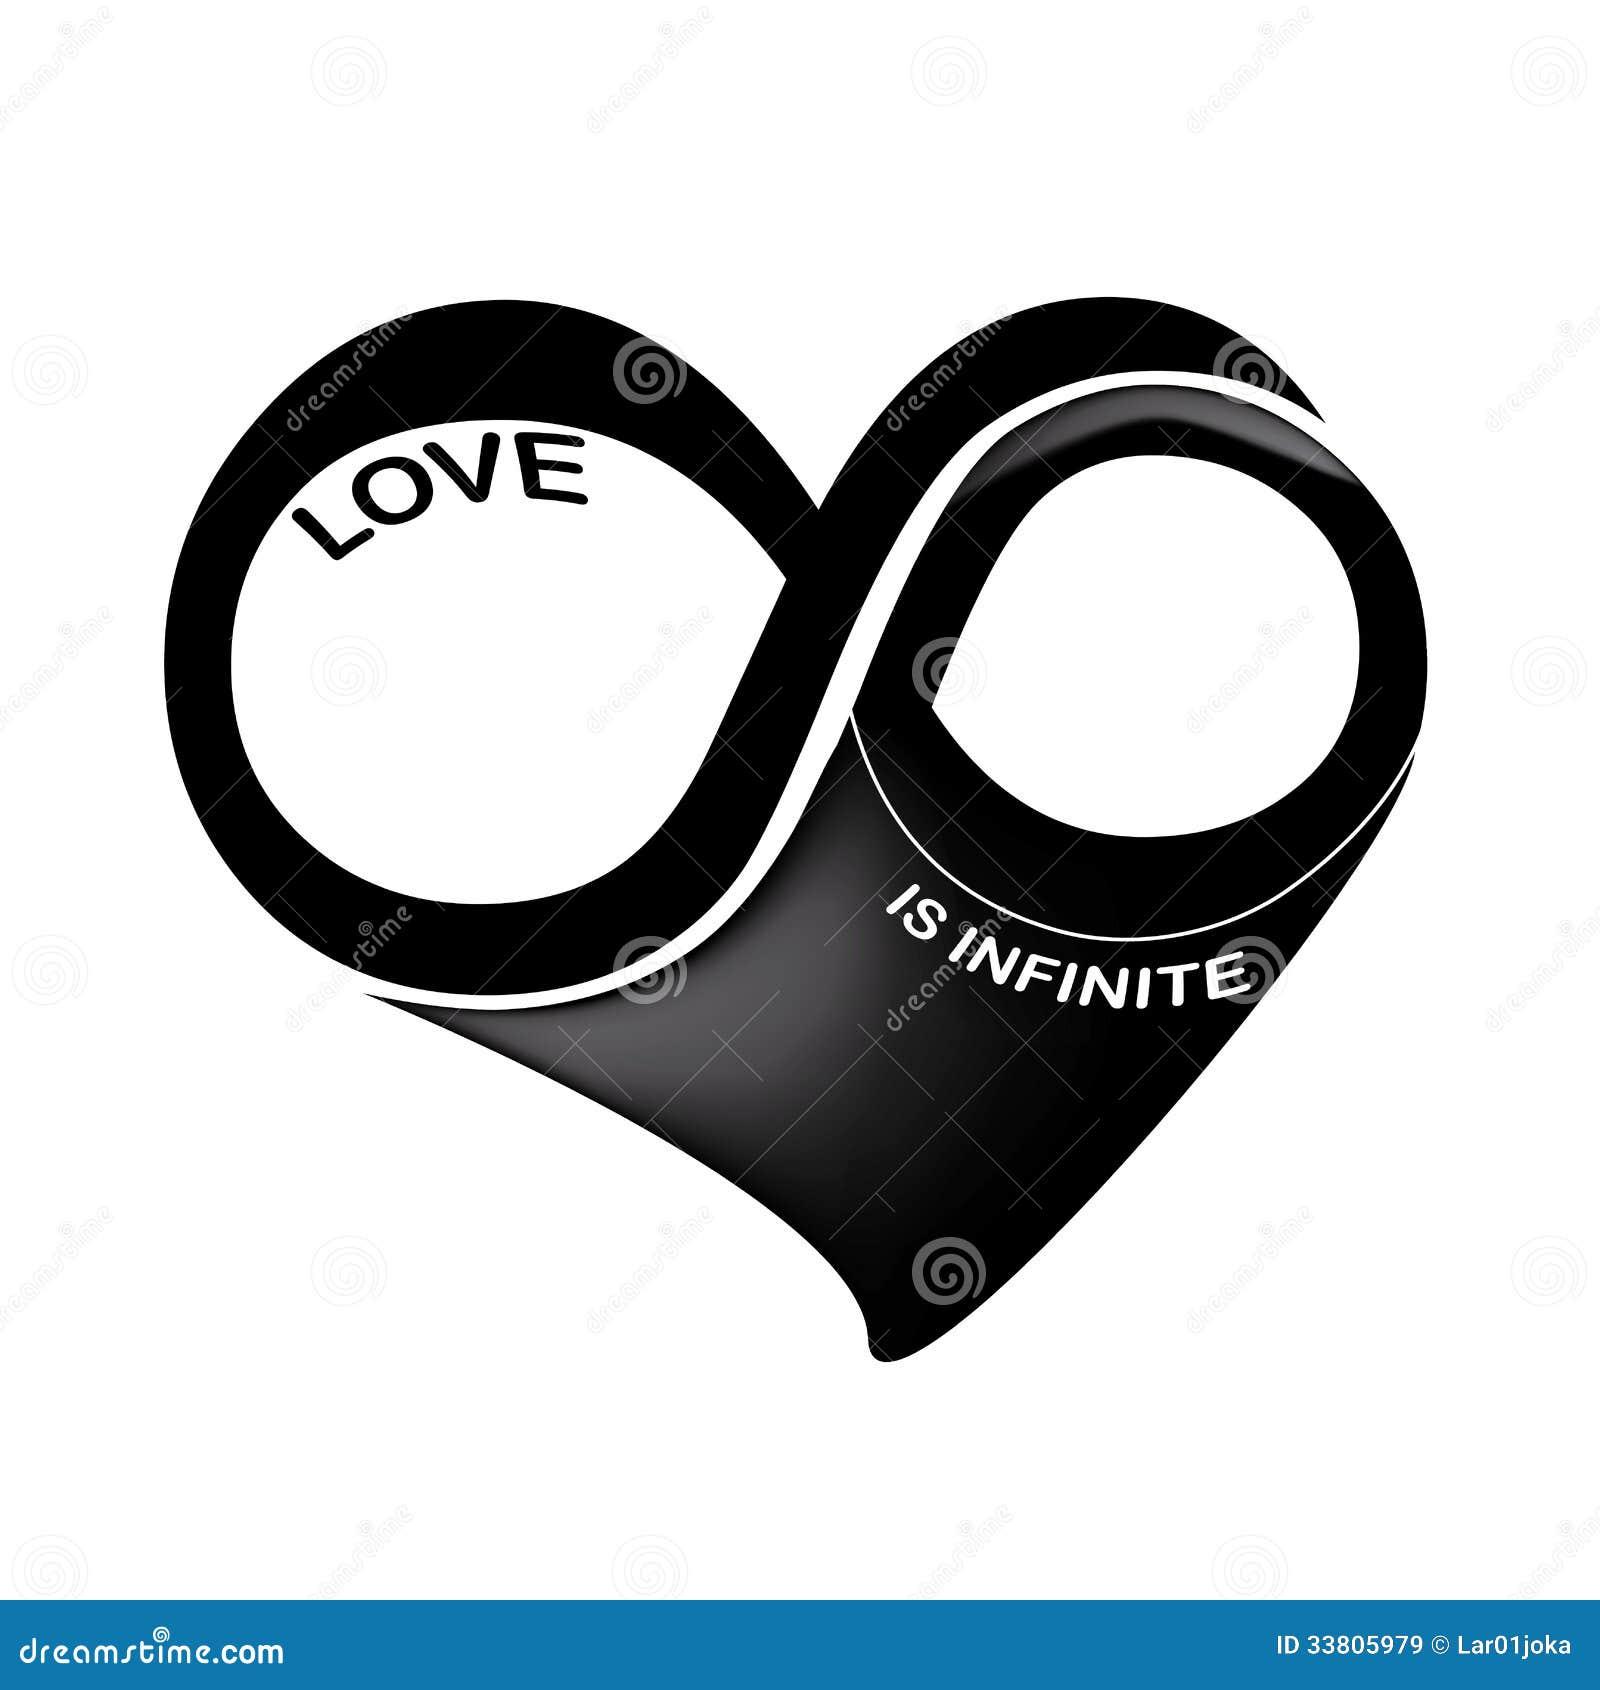 l 39 amour est infini images libres de droits image 33805979. Black Bedroom Furniture Sets. Home Design Ideas